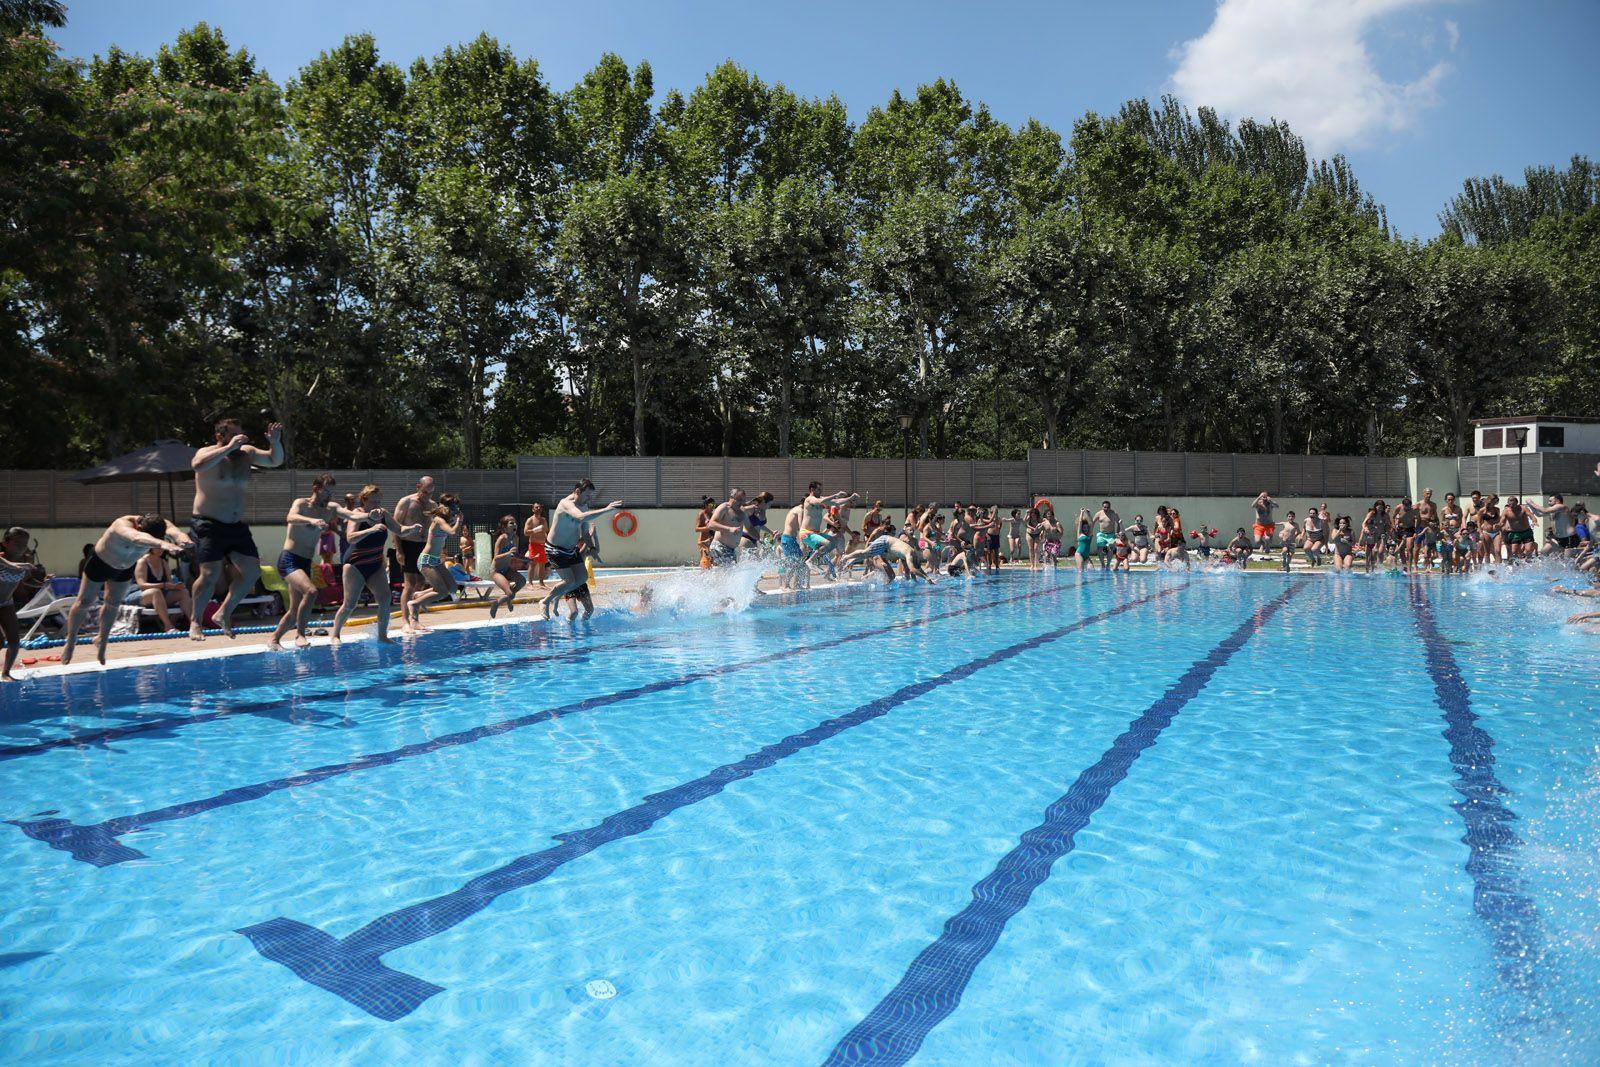 La piscina del Parc Central FOTO: Lali Puig